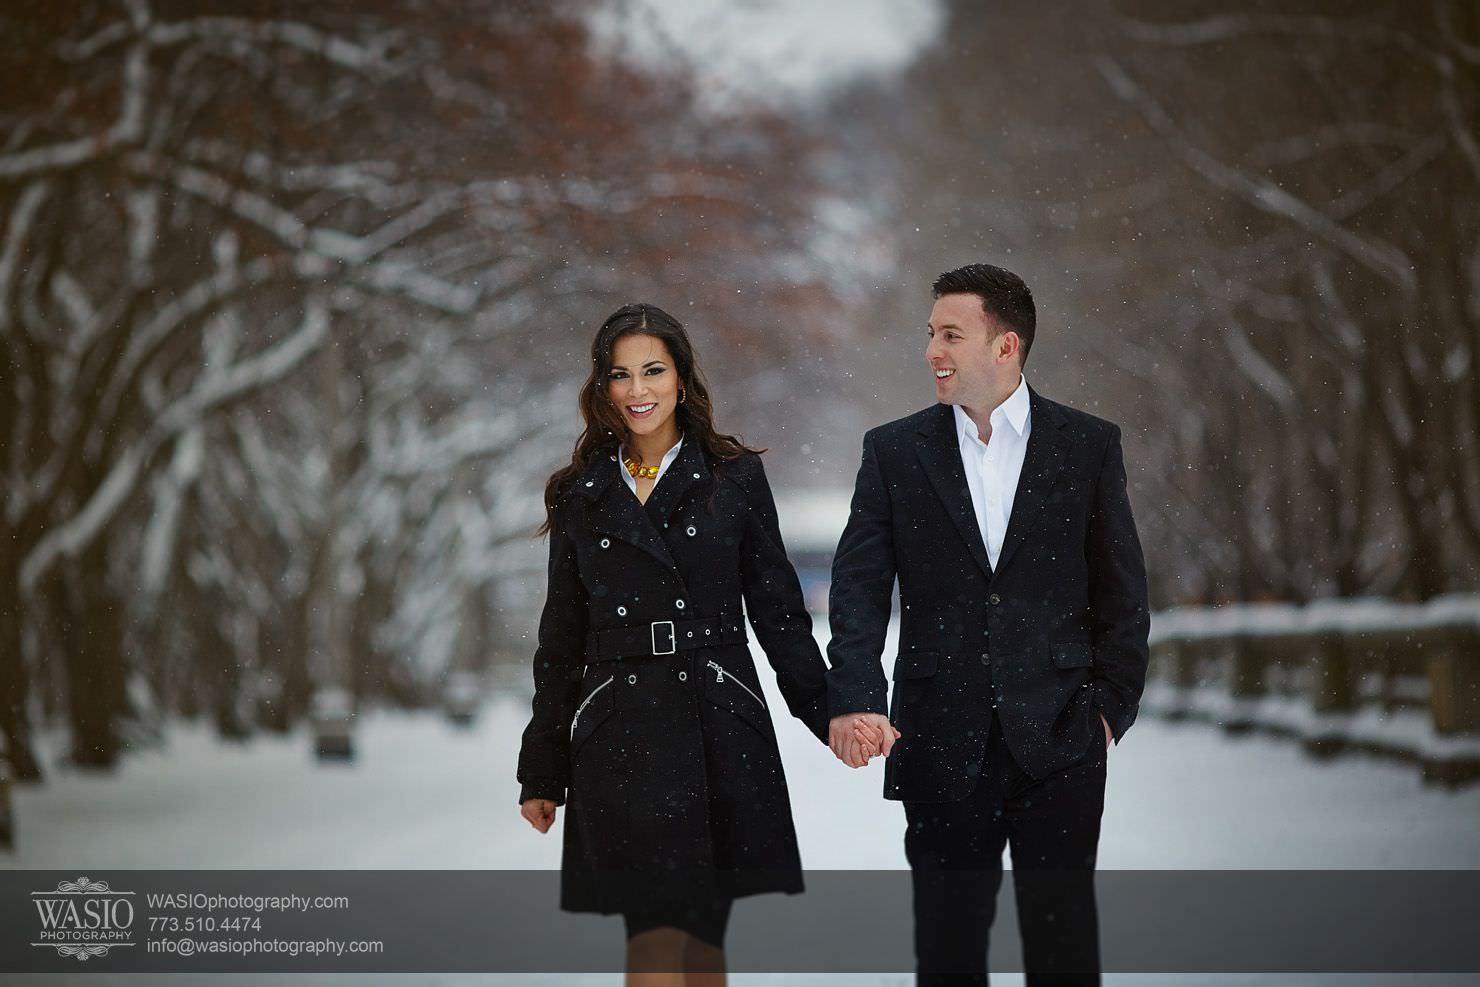 003-Chicago-Winter-Engagement Chicago Winter Engagement - Chrissy + Andrew